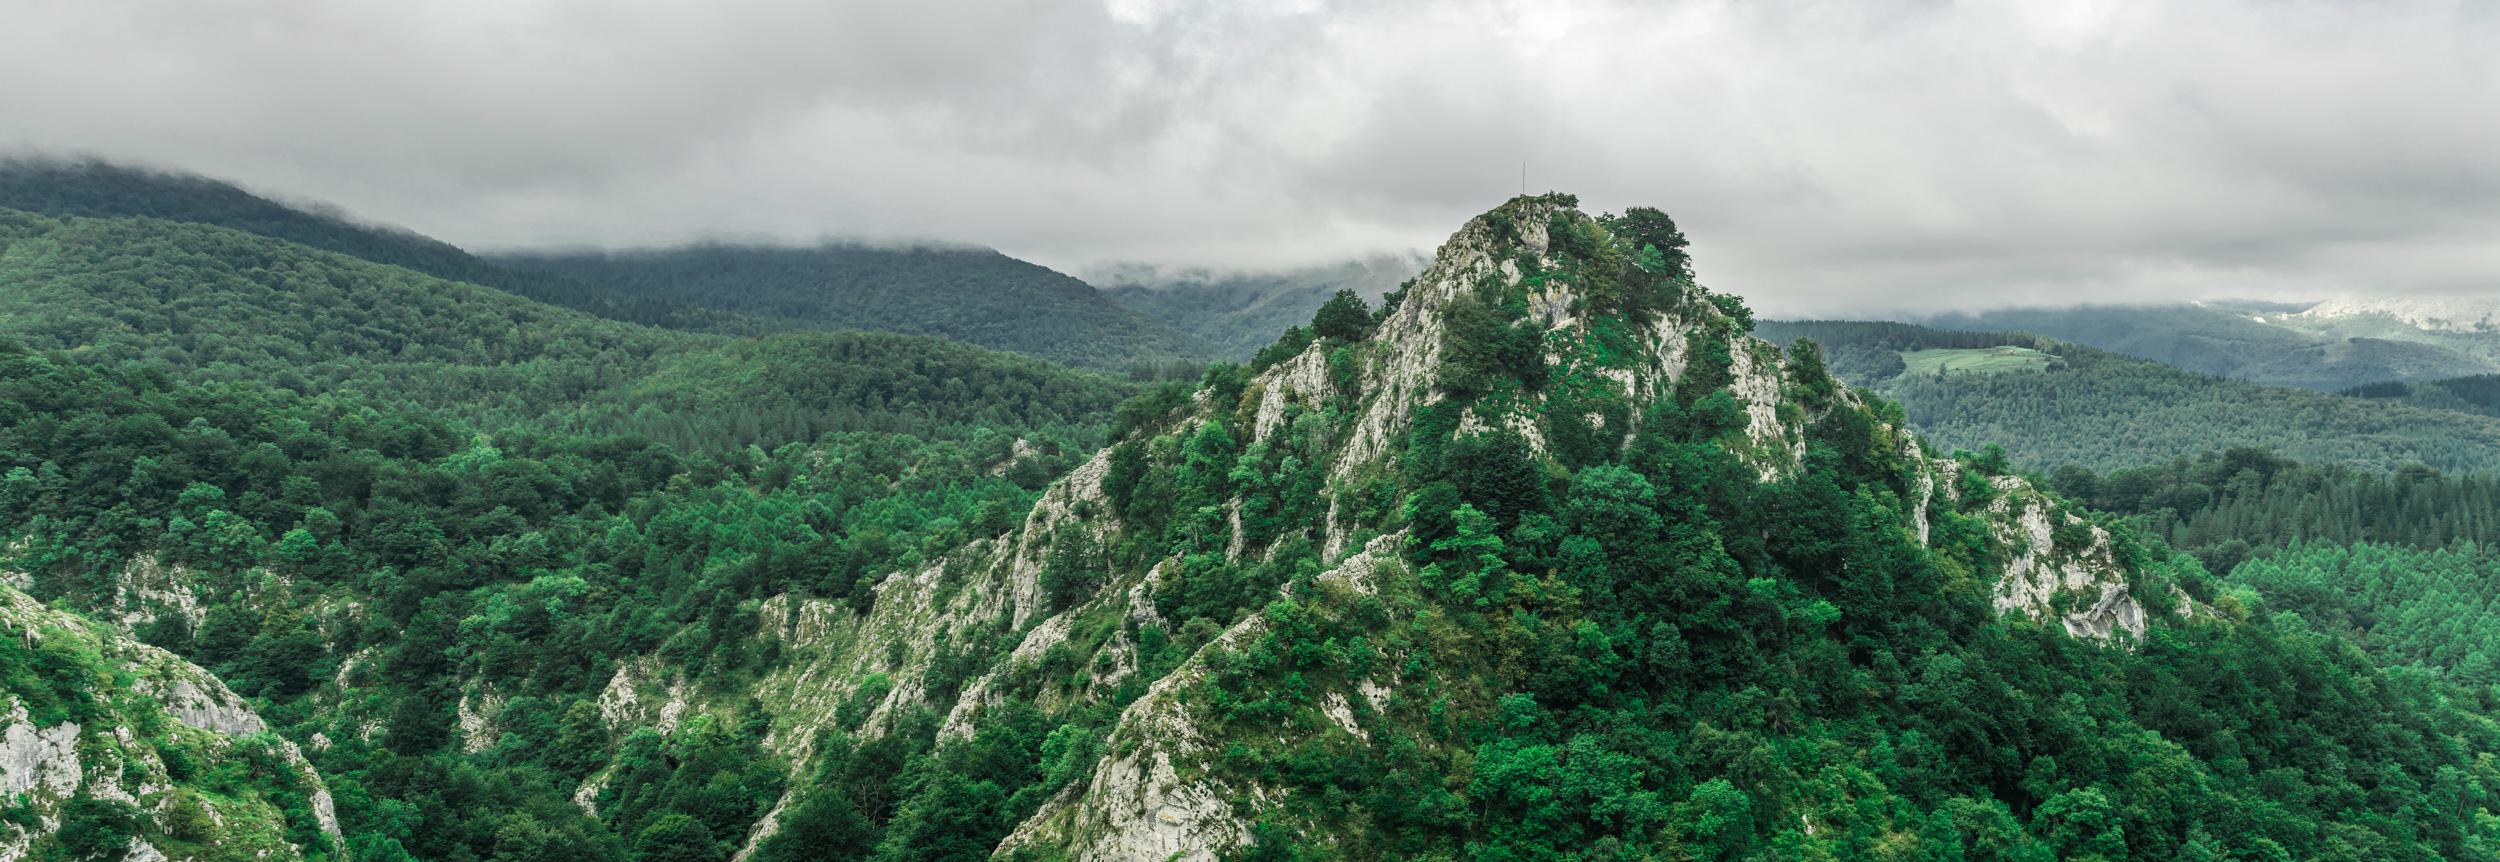 Arantzazu, Gipuzkoa panorama.jpg